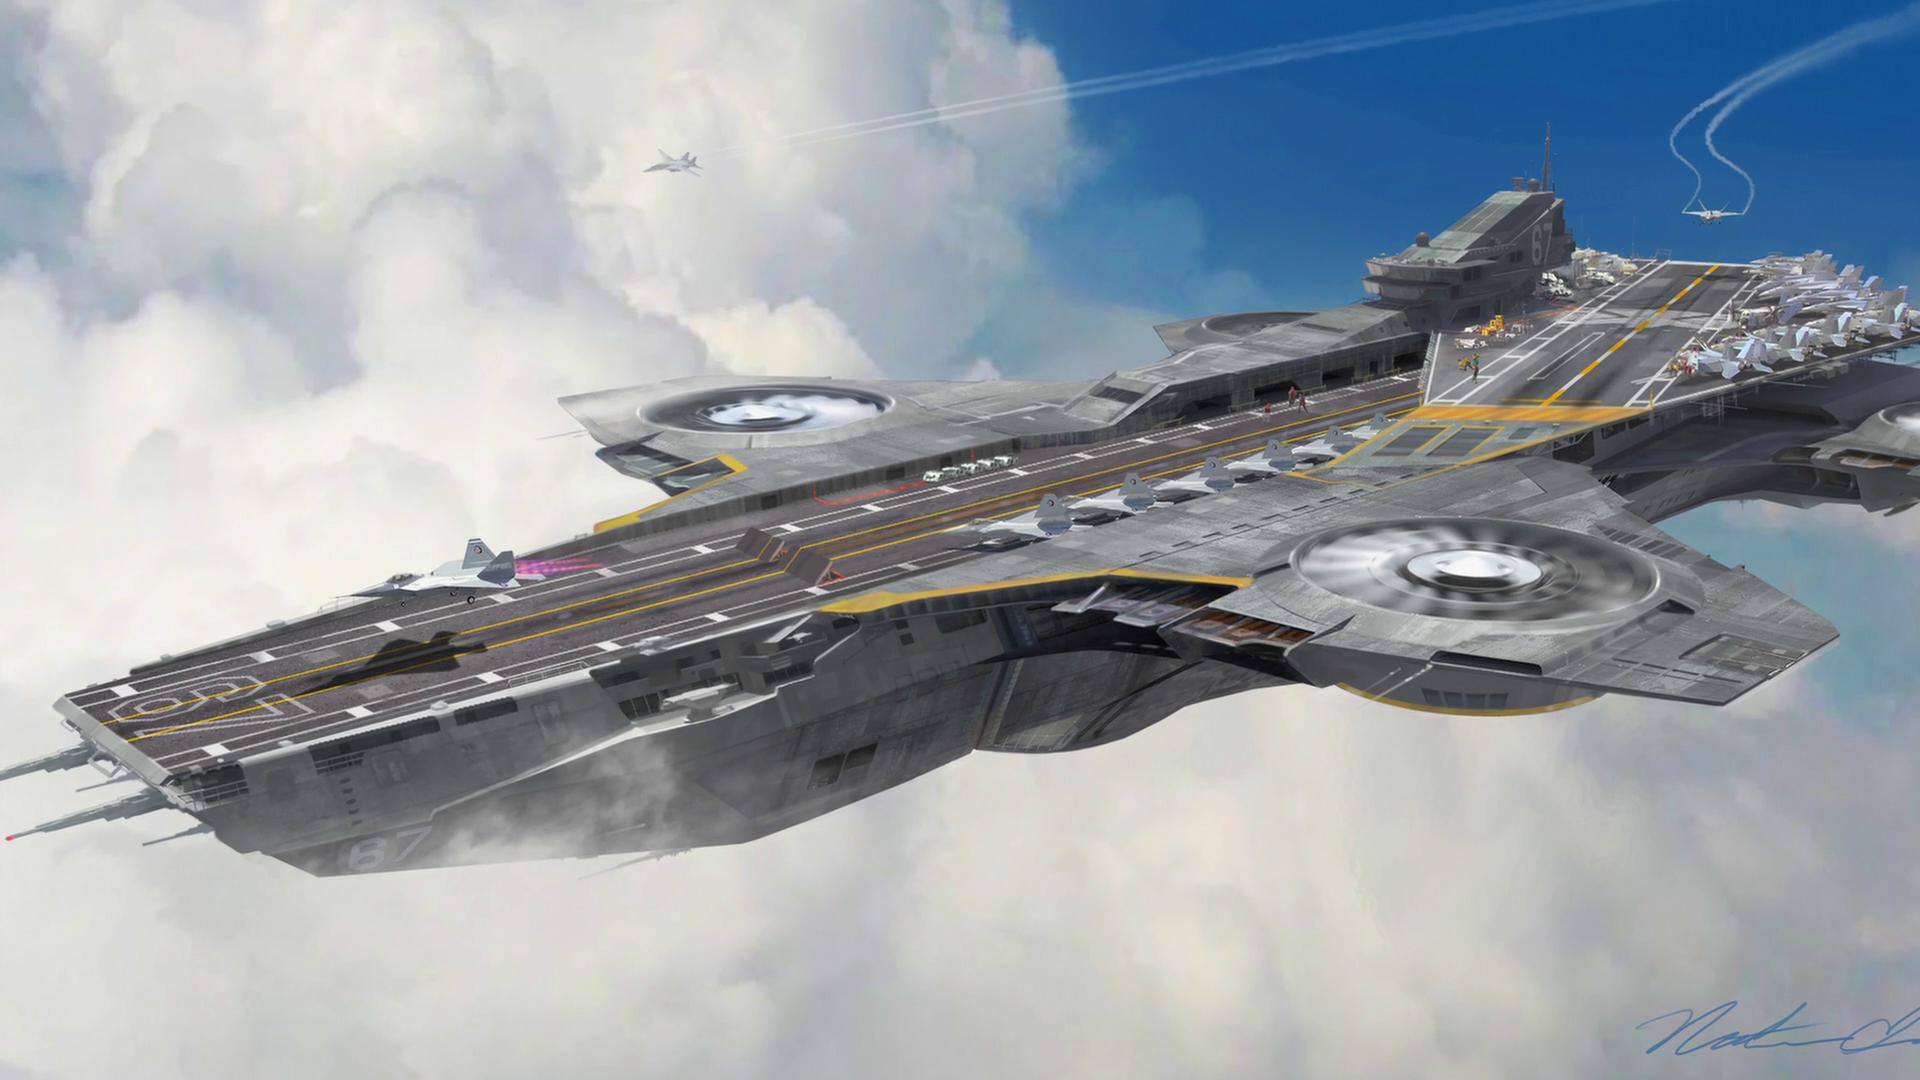 HelicarrierConceptRender1-AvengersBTS.pn